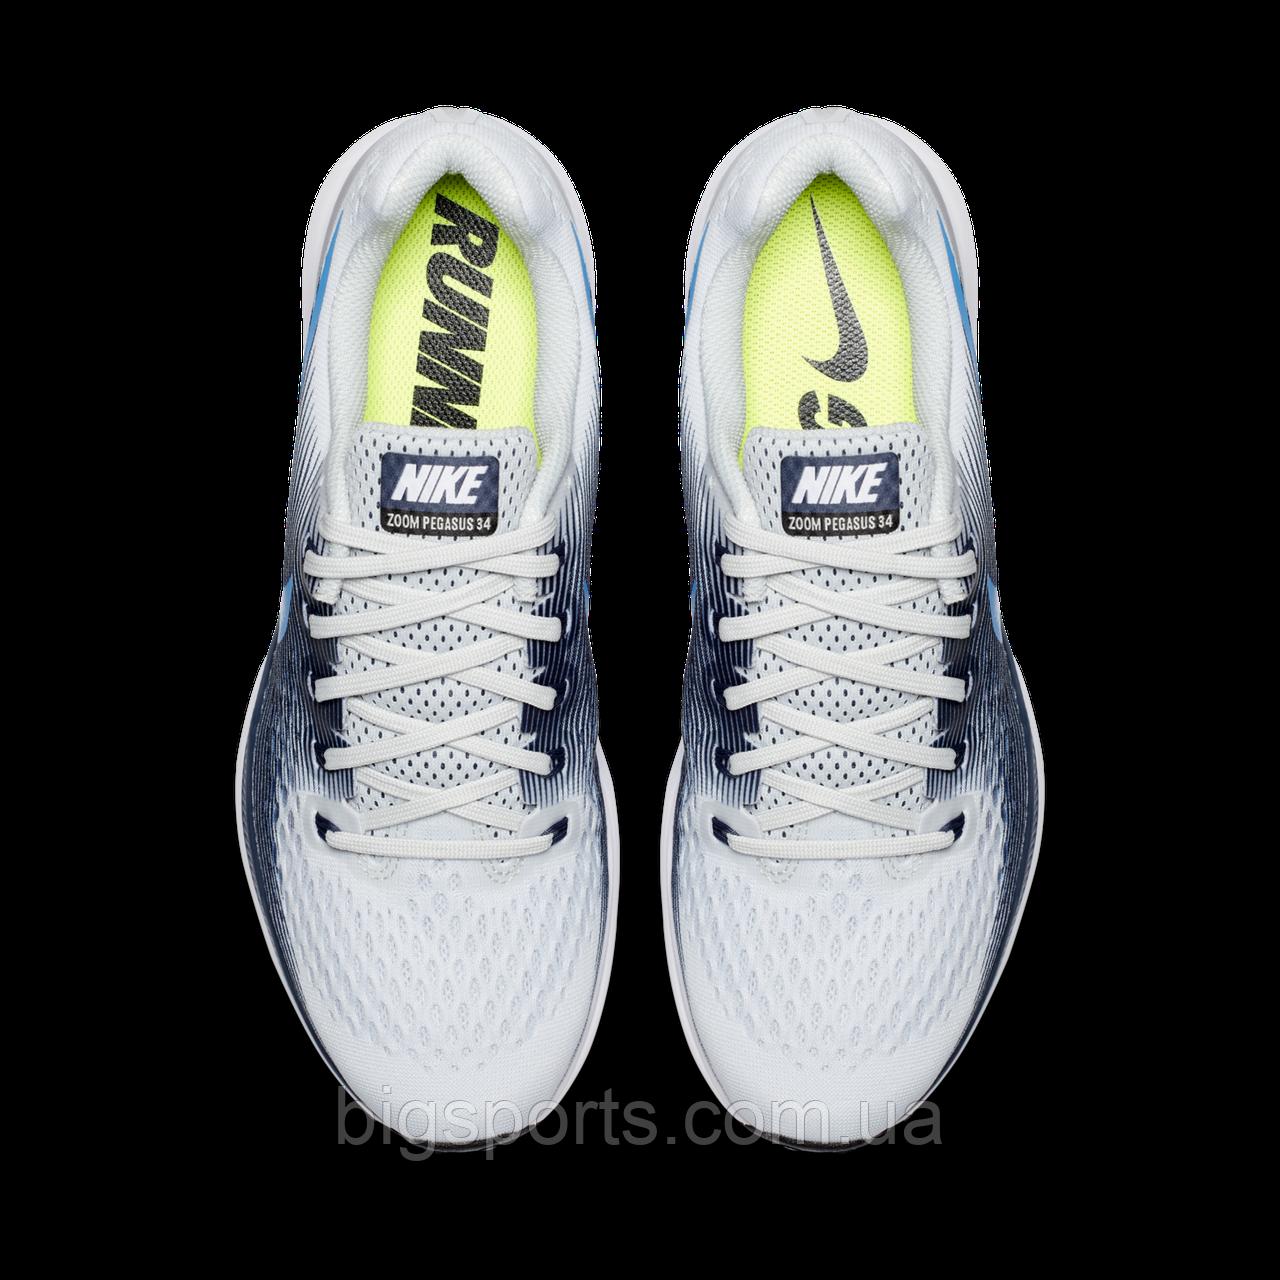 880555-008), Кроссовки муж. Nike Air Zoom Pegasus 34 (арт. b2baa951f60